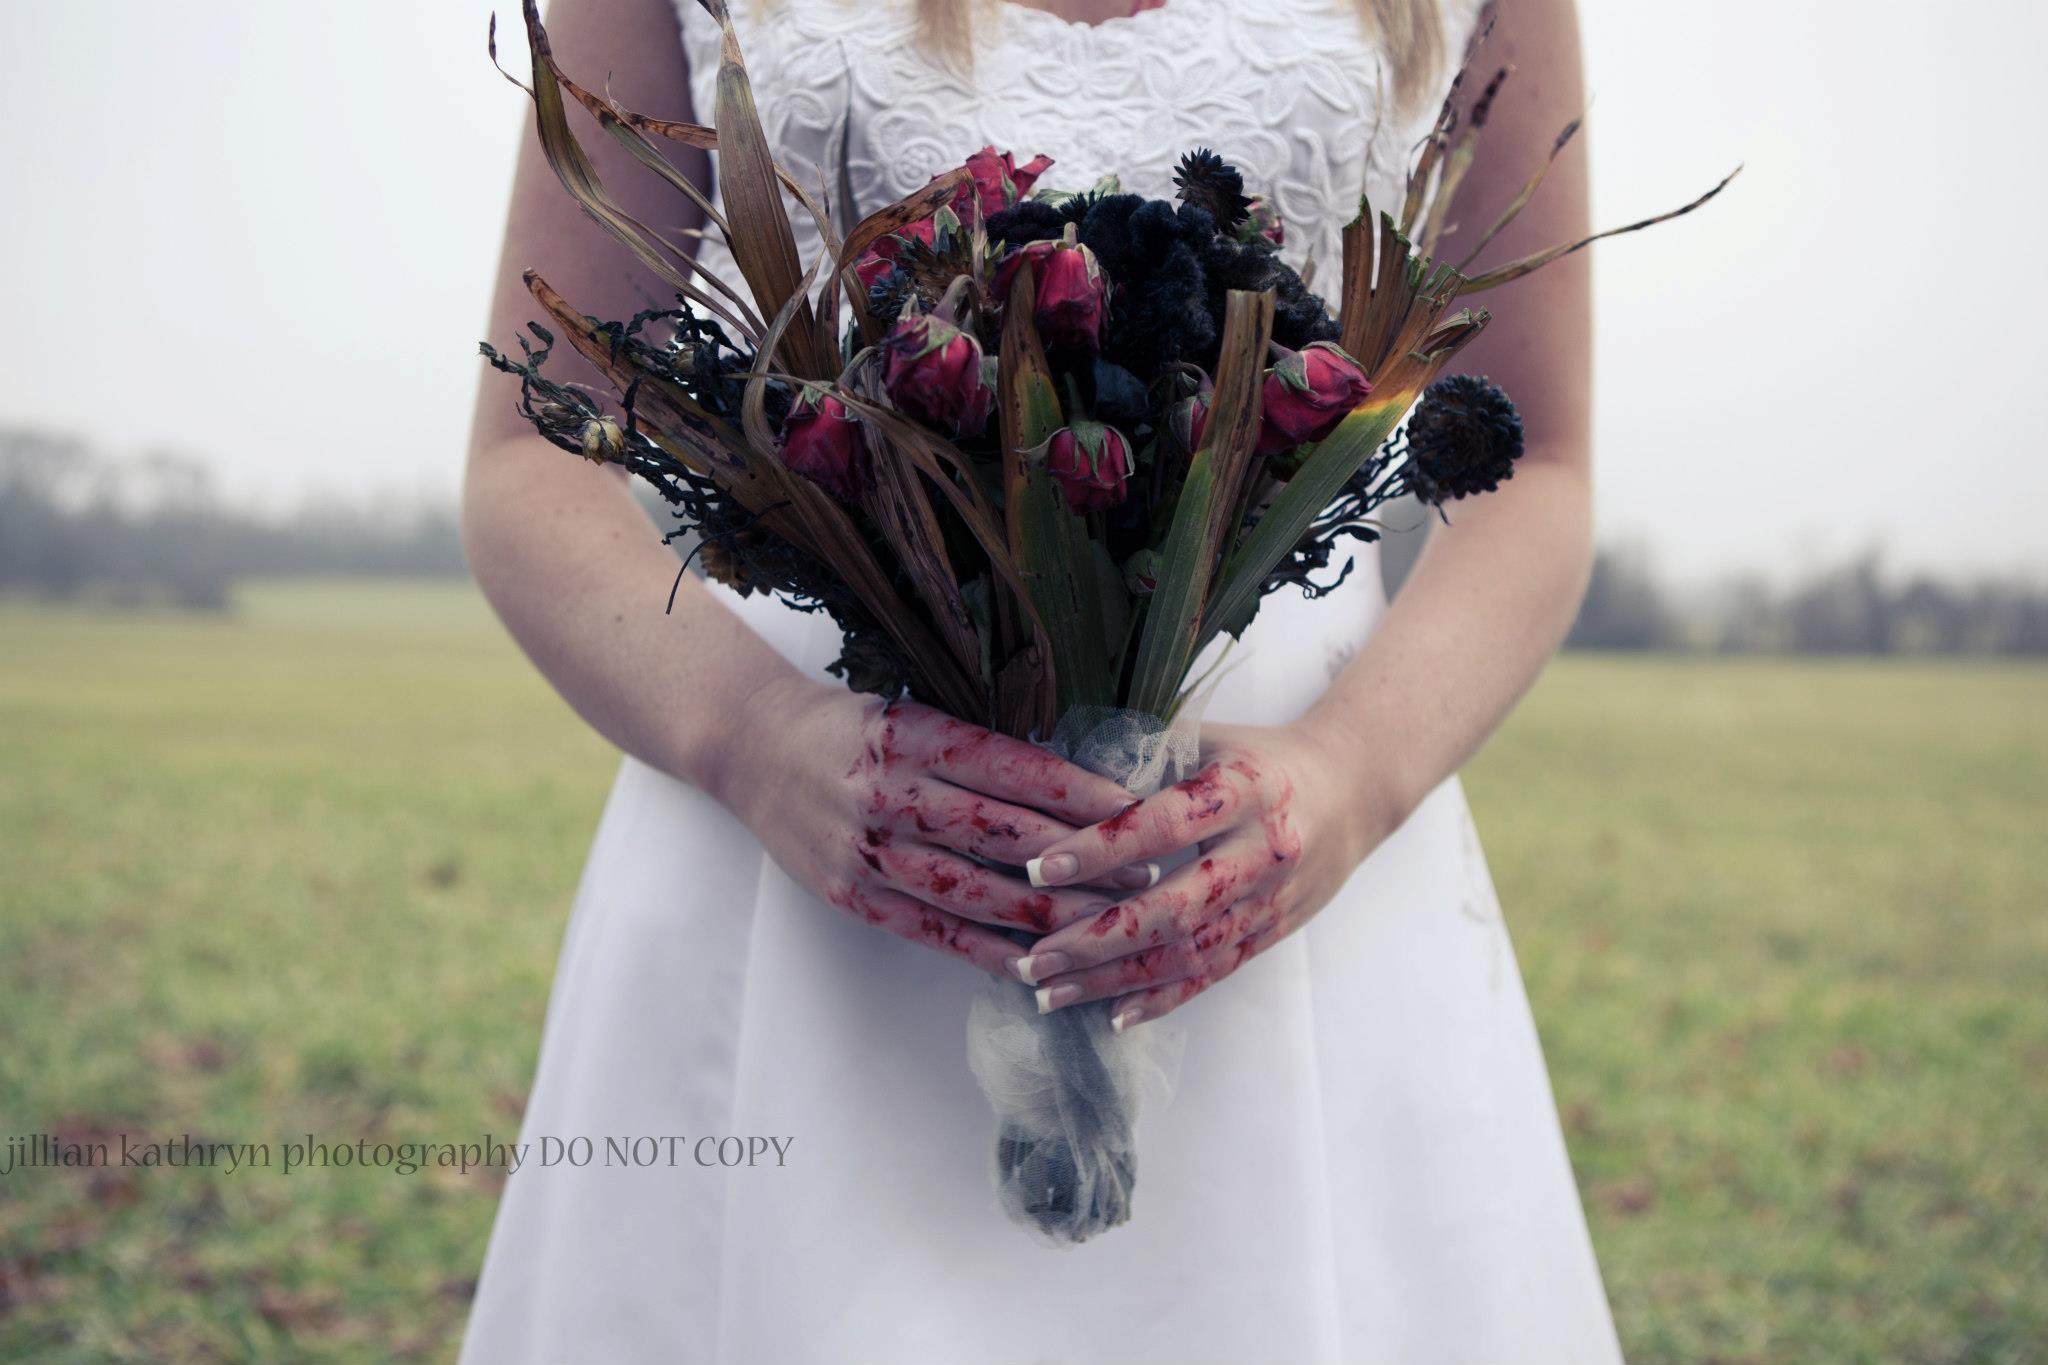 How to create a zombie wedding bouquet zombie wedding bouquet izmirmasajfo